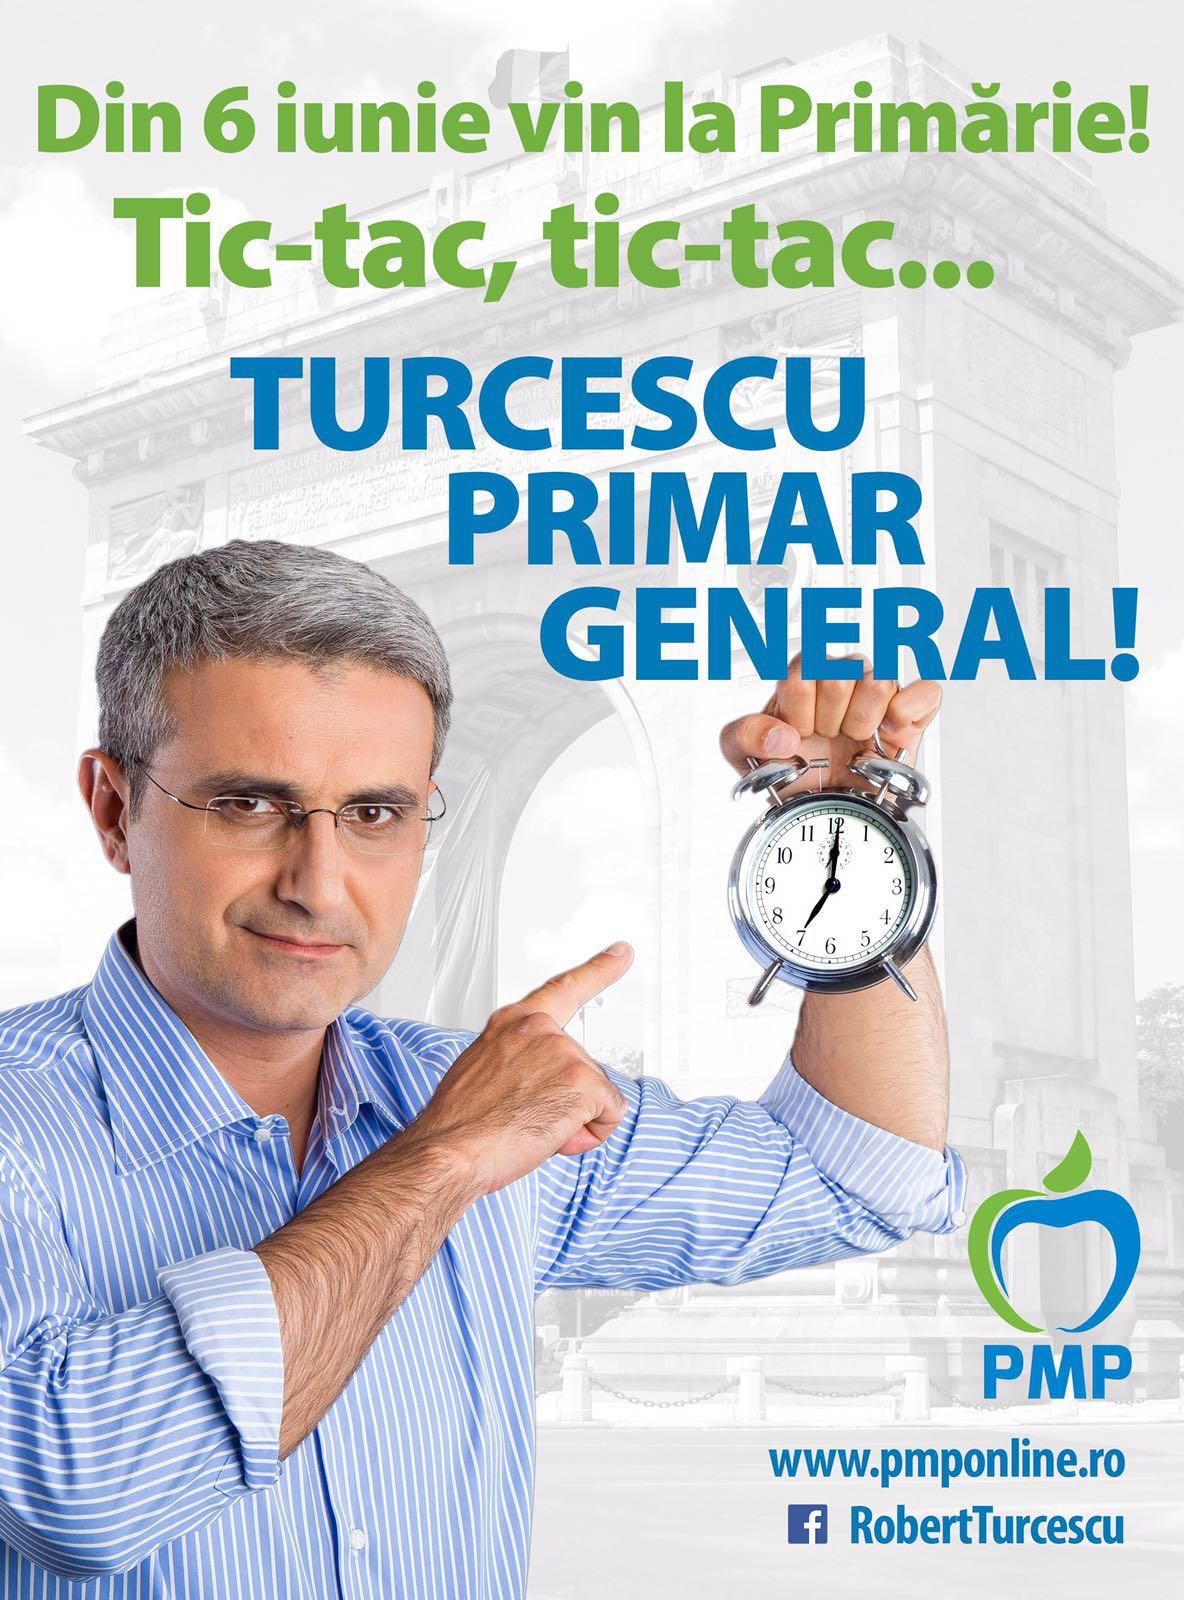 turcescu primar